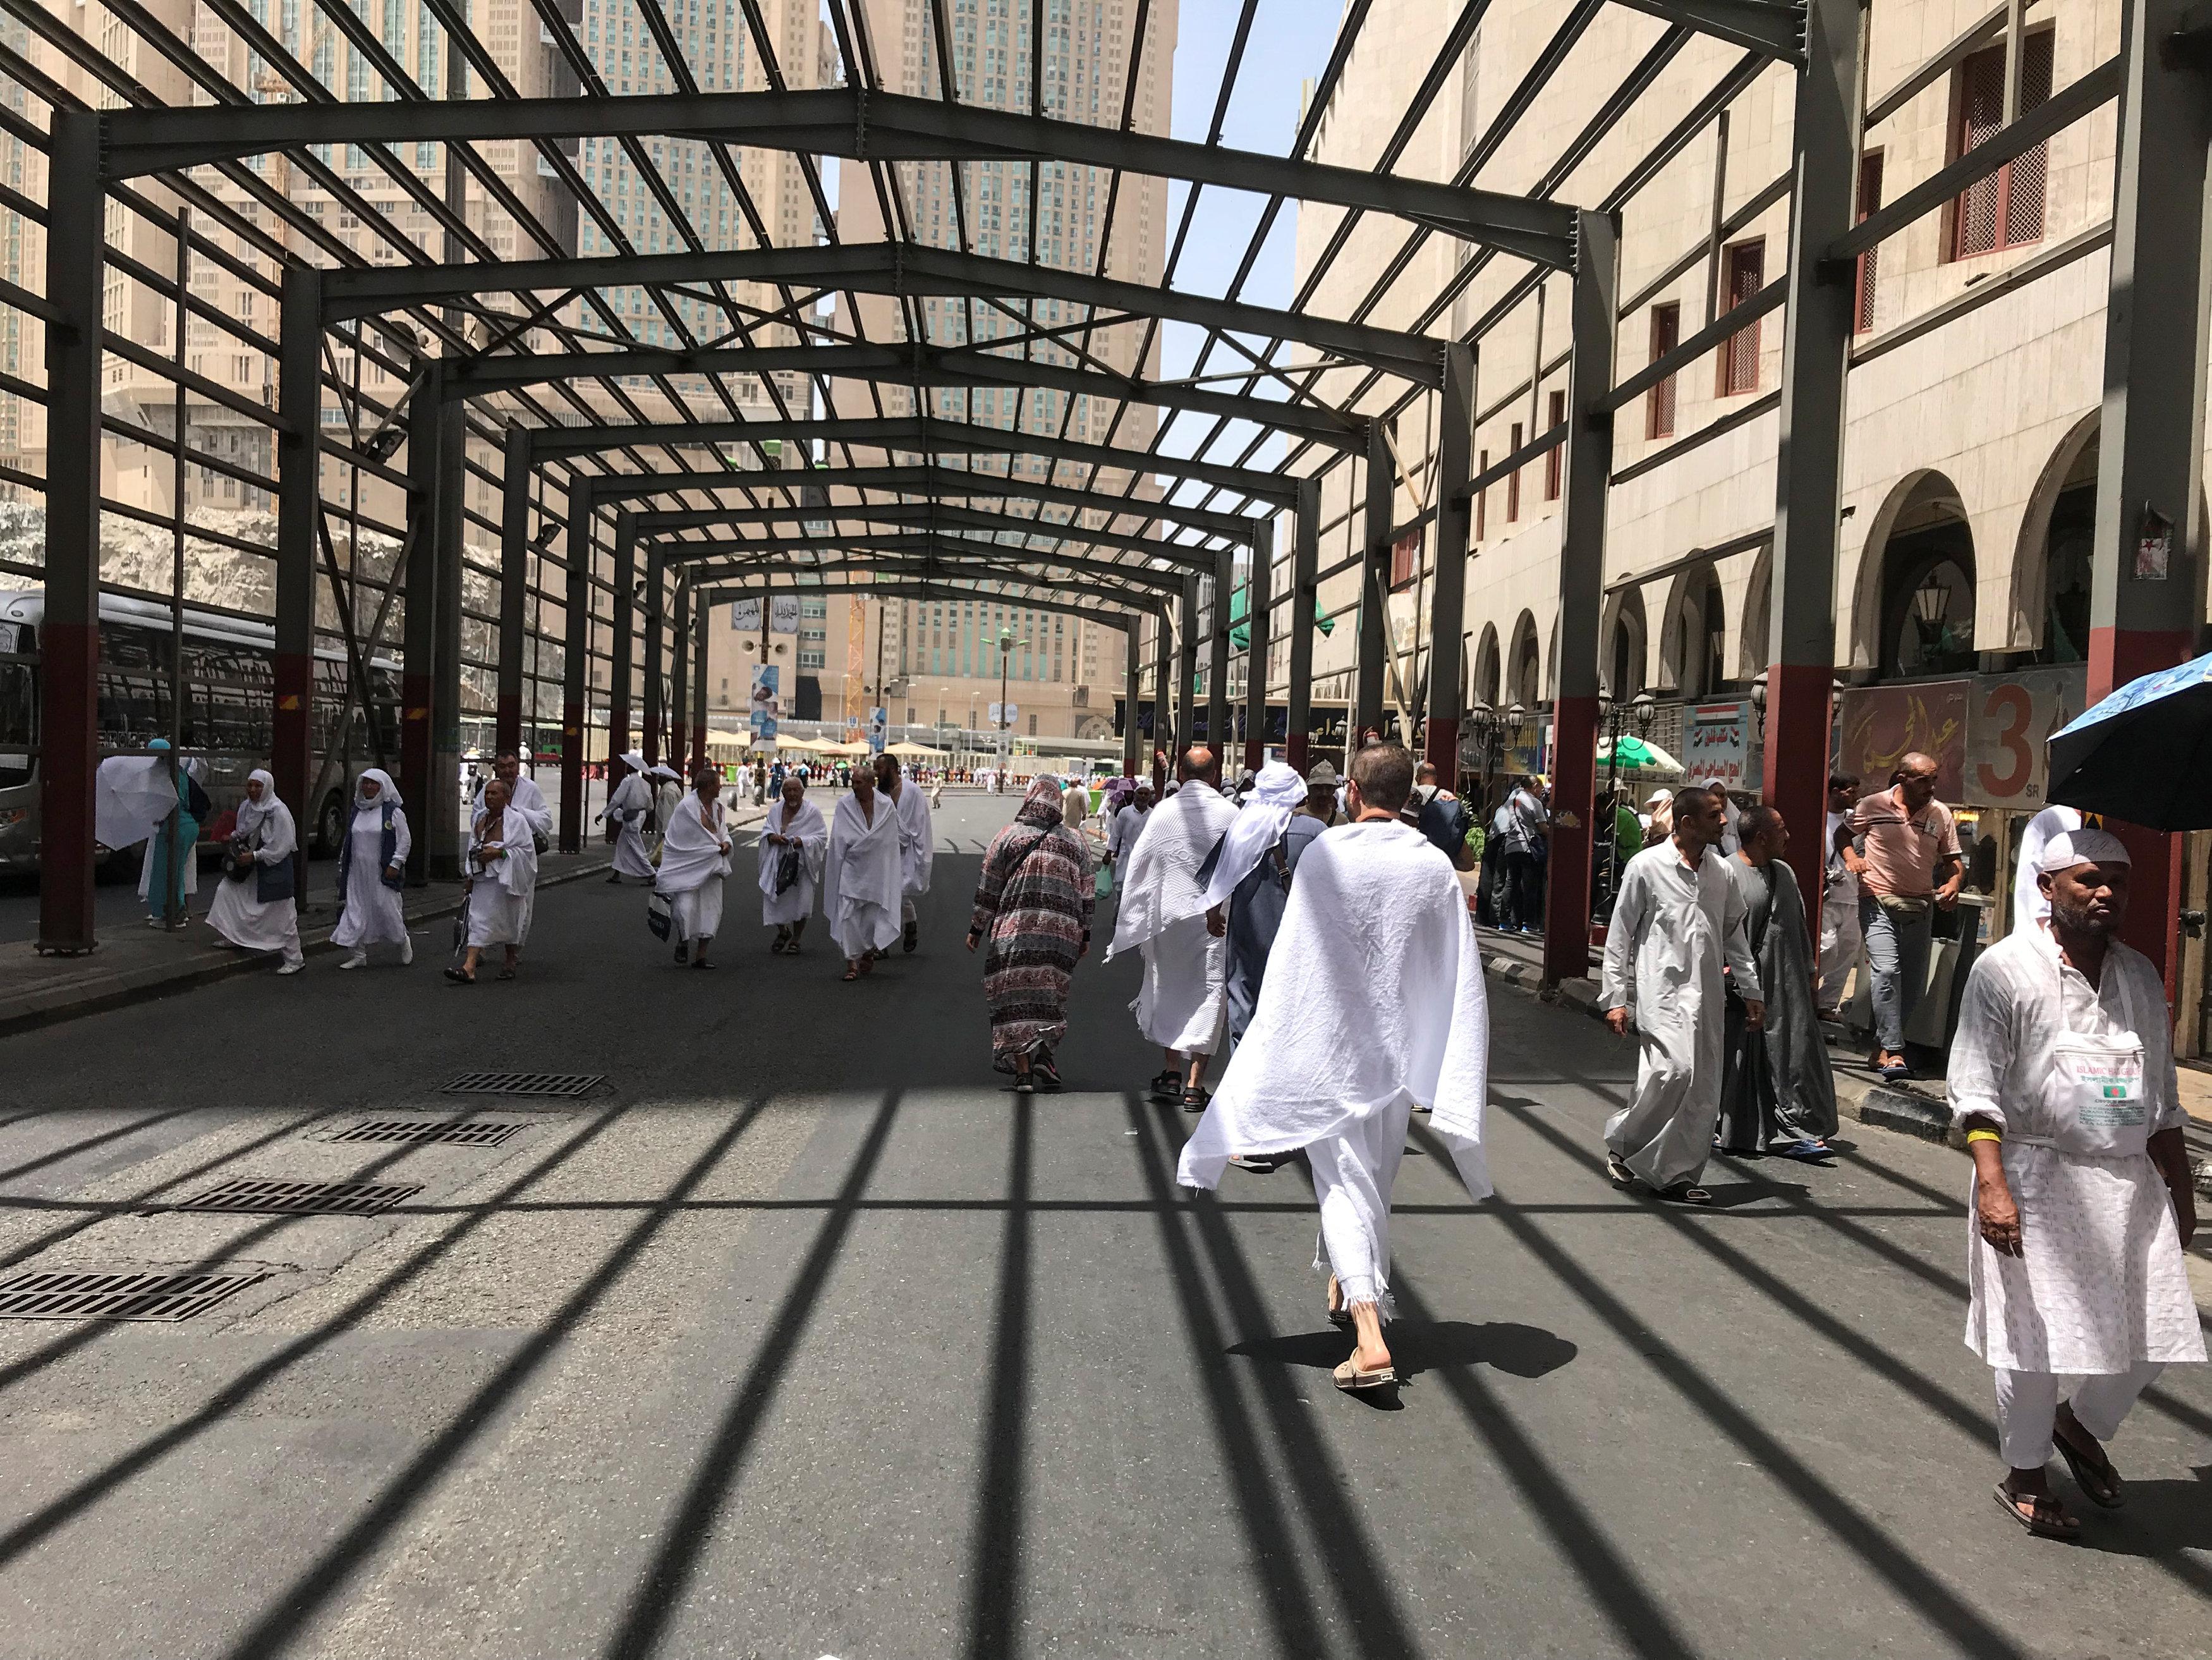 حجاج في طريقهم للمسجد الحرام- موسم الحج 2018